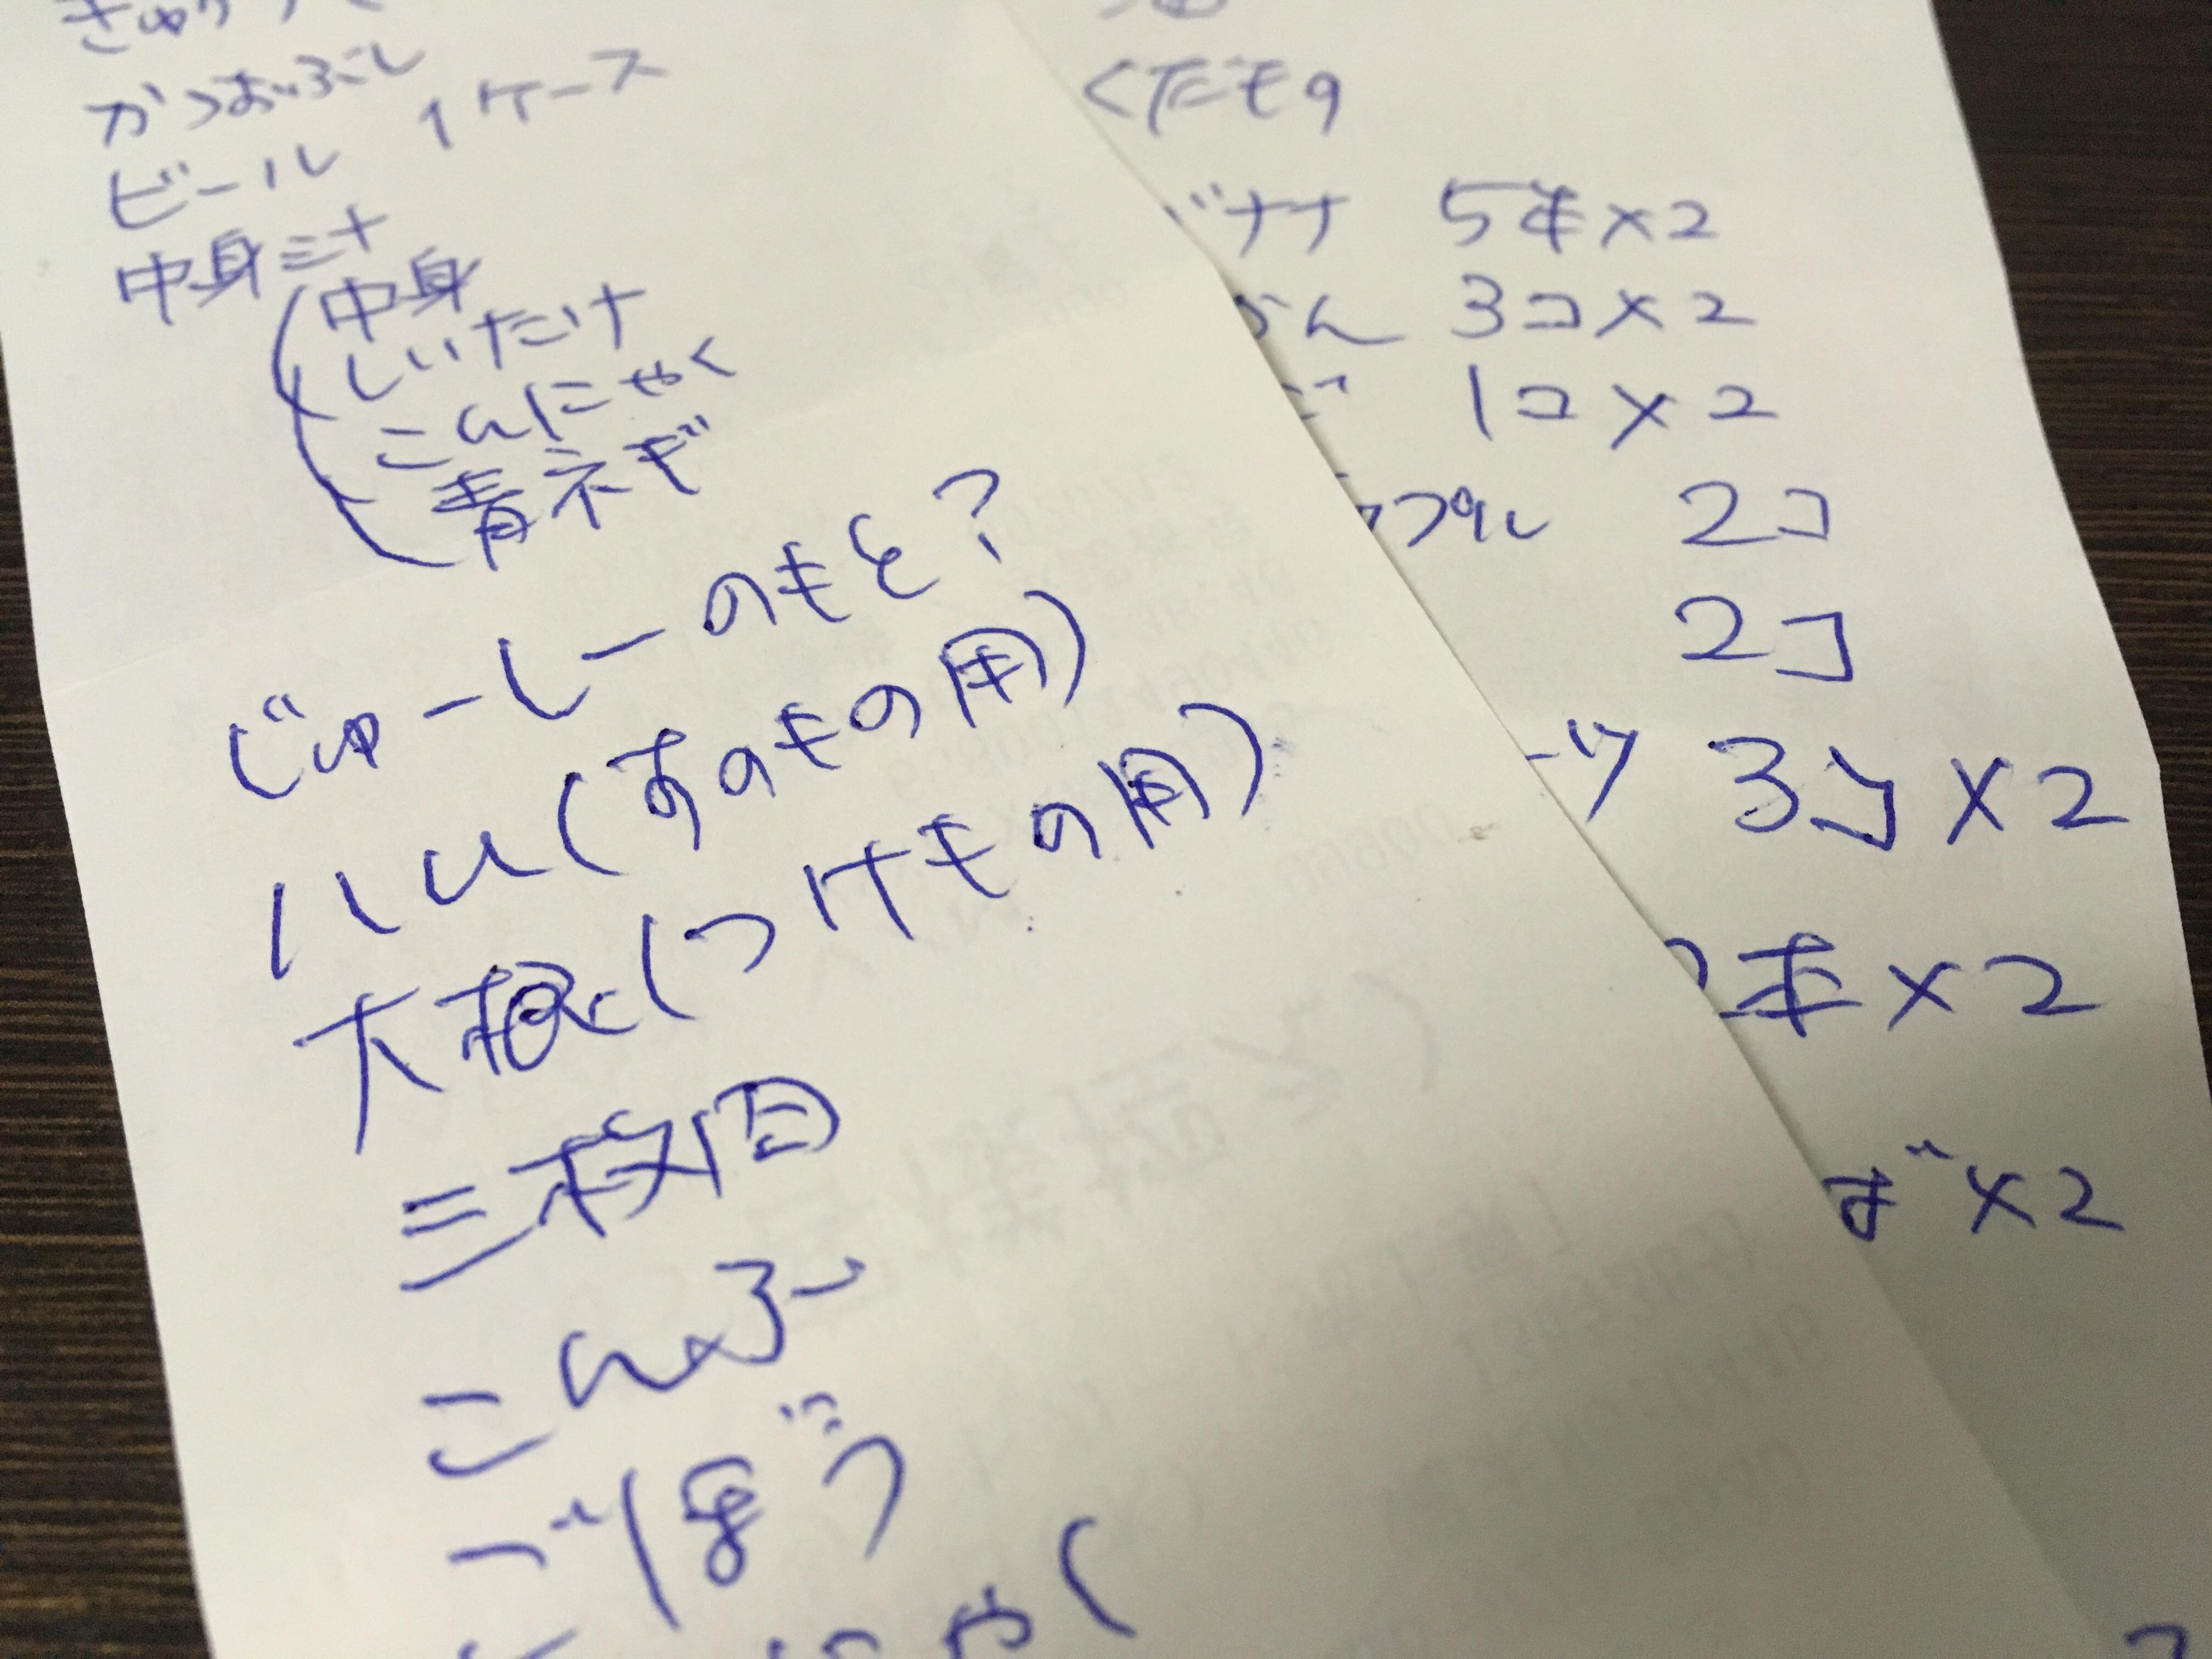 旧盆の準備 〜買い物リストを作ろう〜